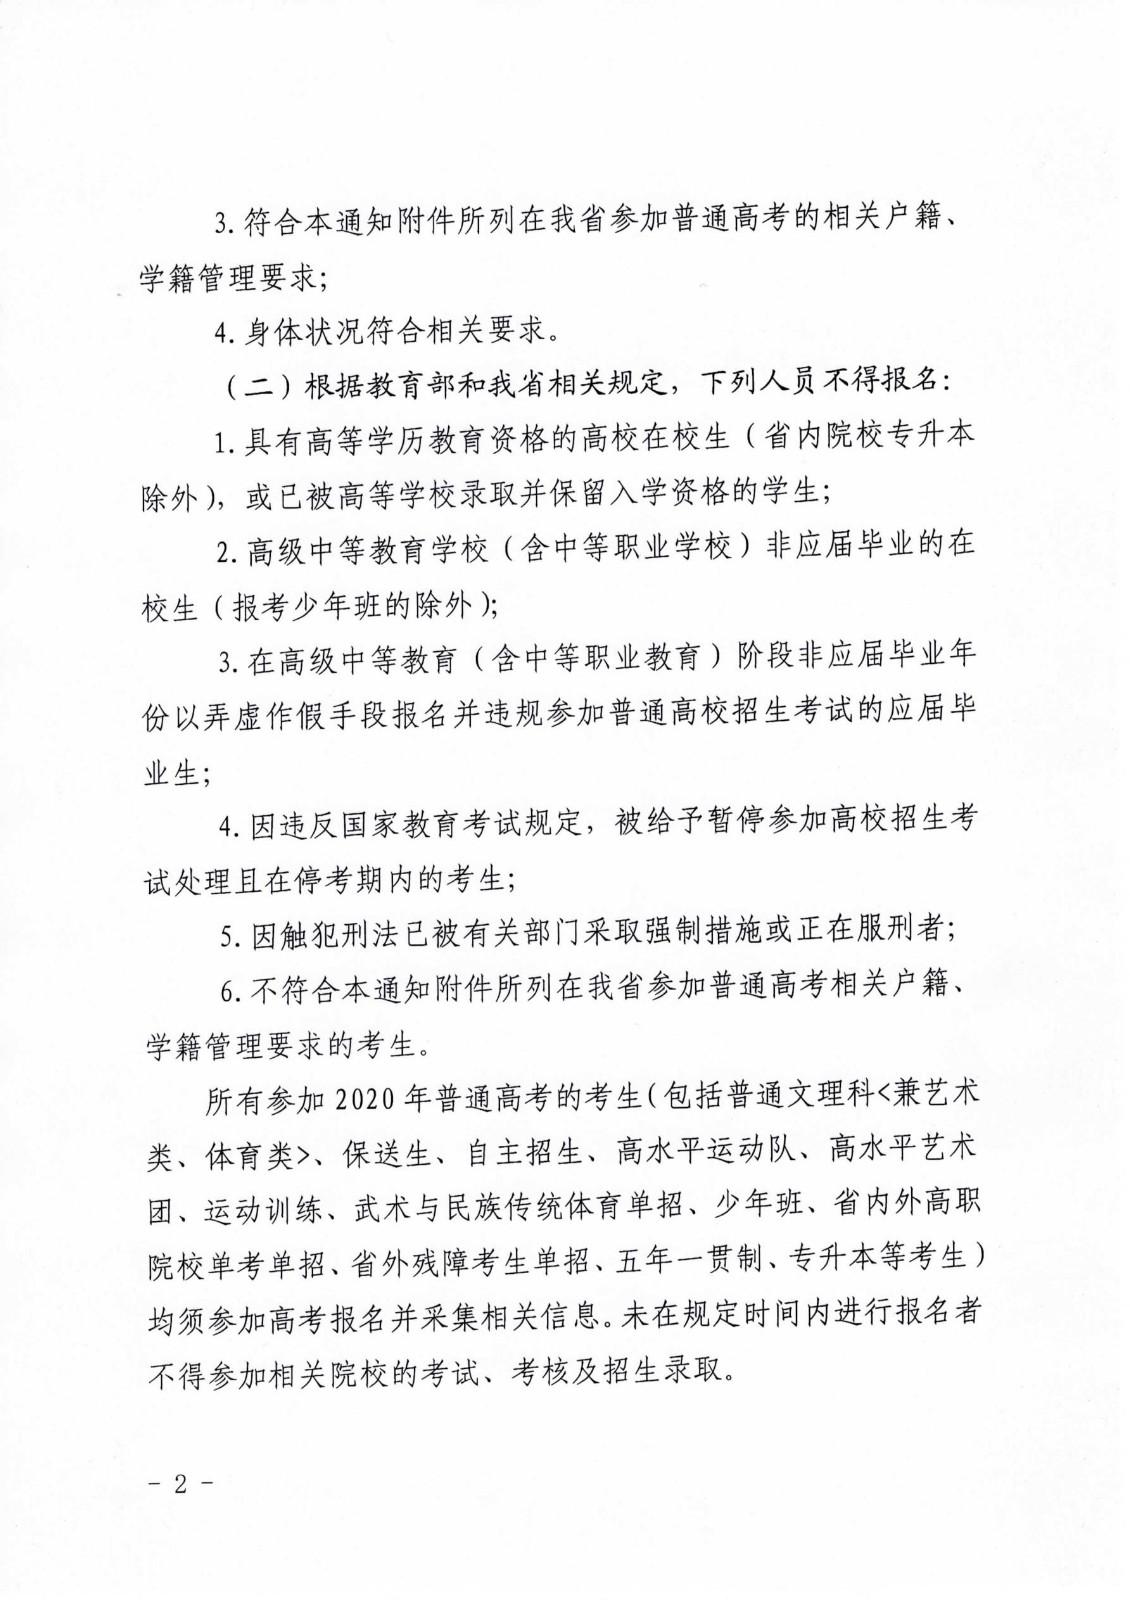 2020年青海高考报名条件已公布